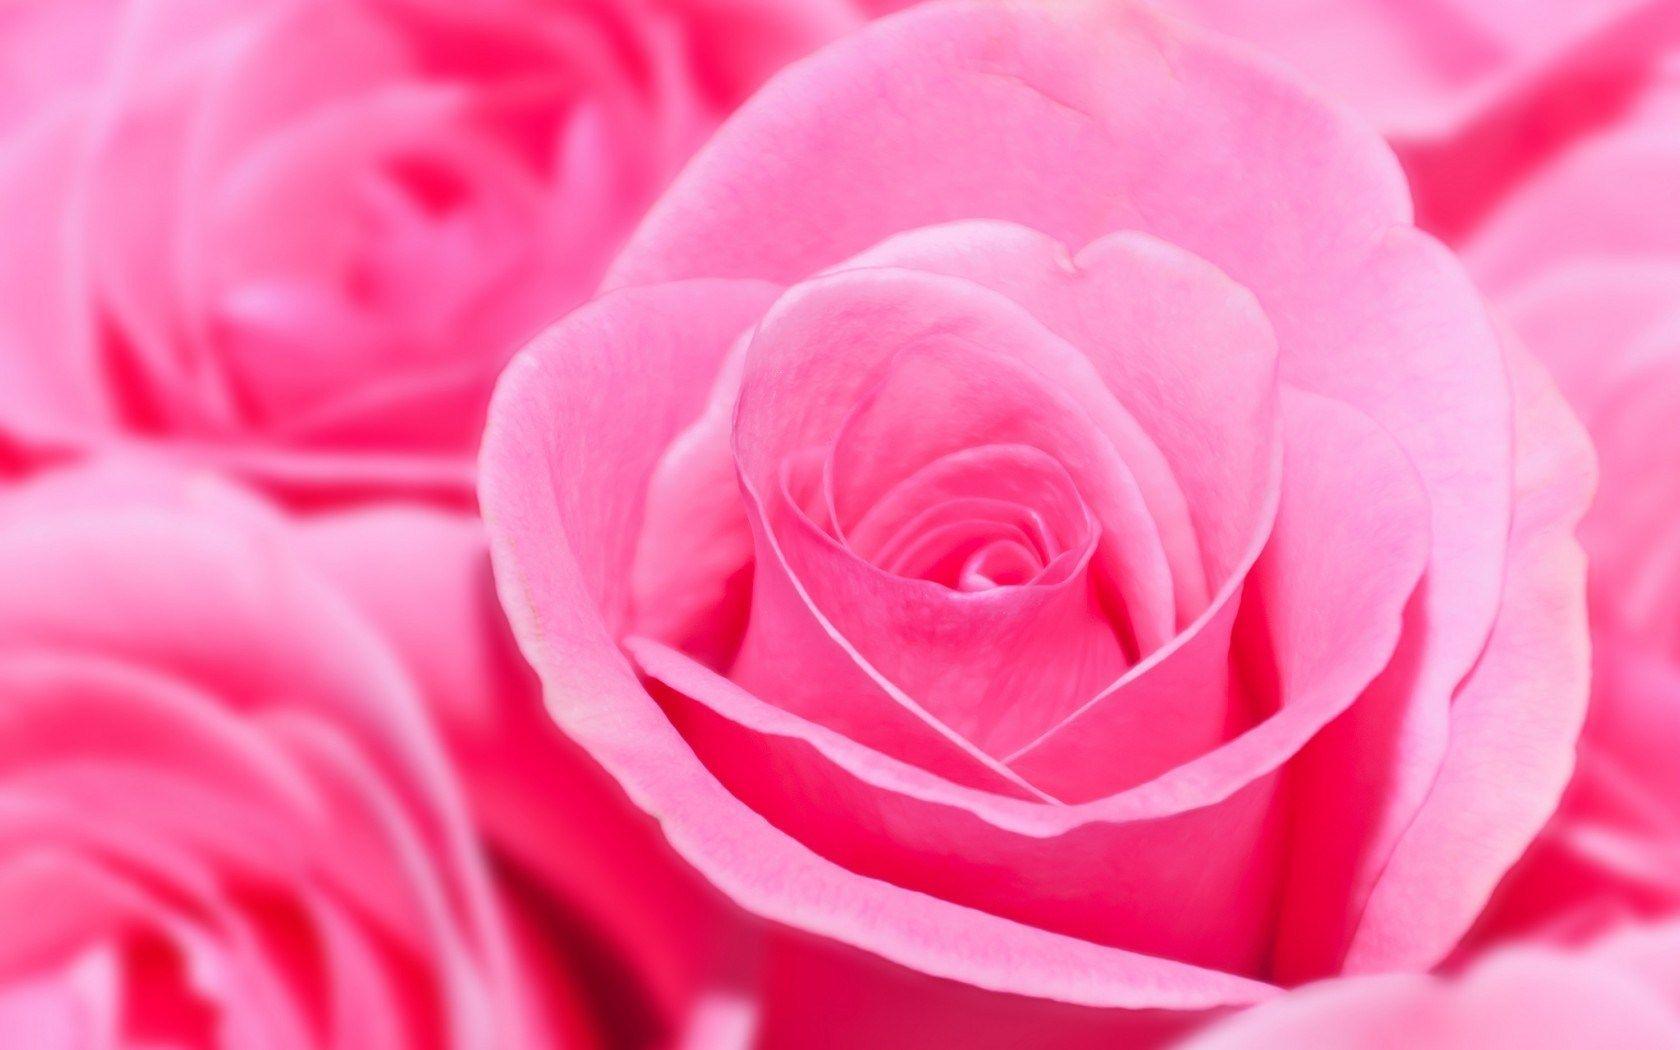 Flowers roses pink gl pinterest rose wallpaper red flowers flowers roses pink mightylinksfo